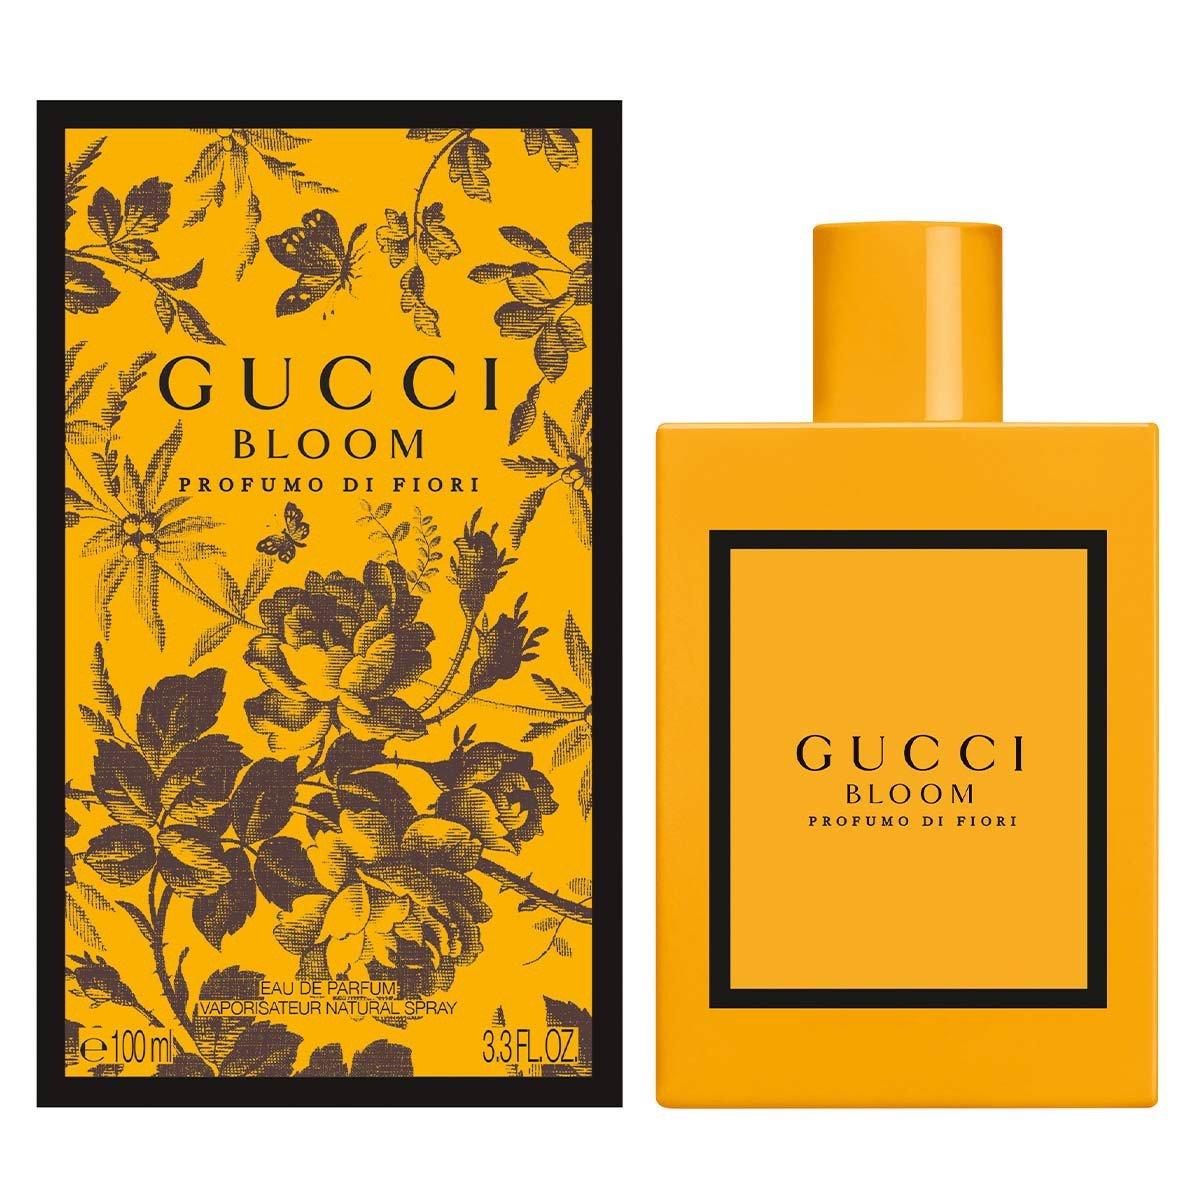 Gucci Bloom Profumo Di Fiori Gucci for women